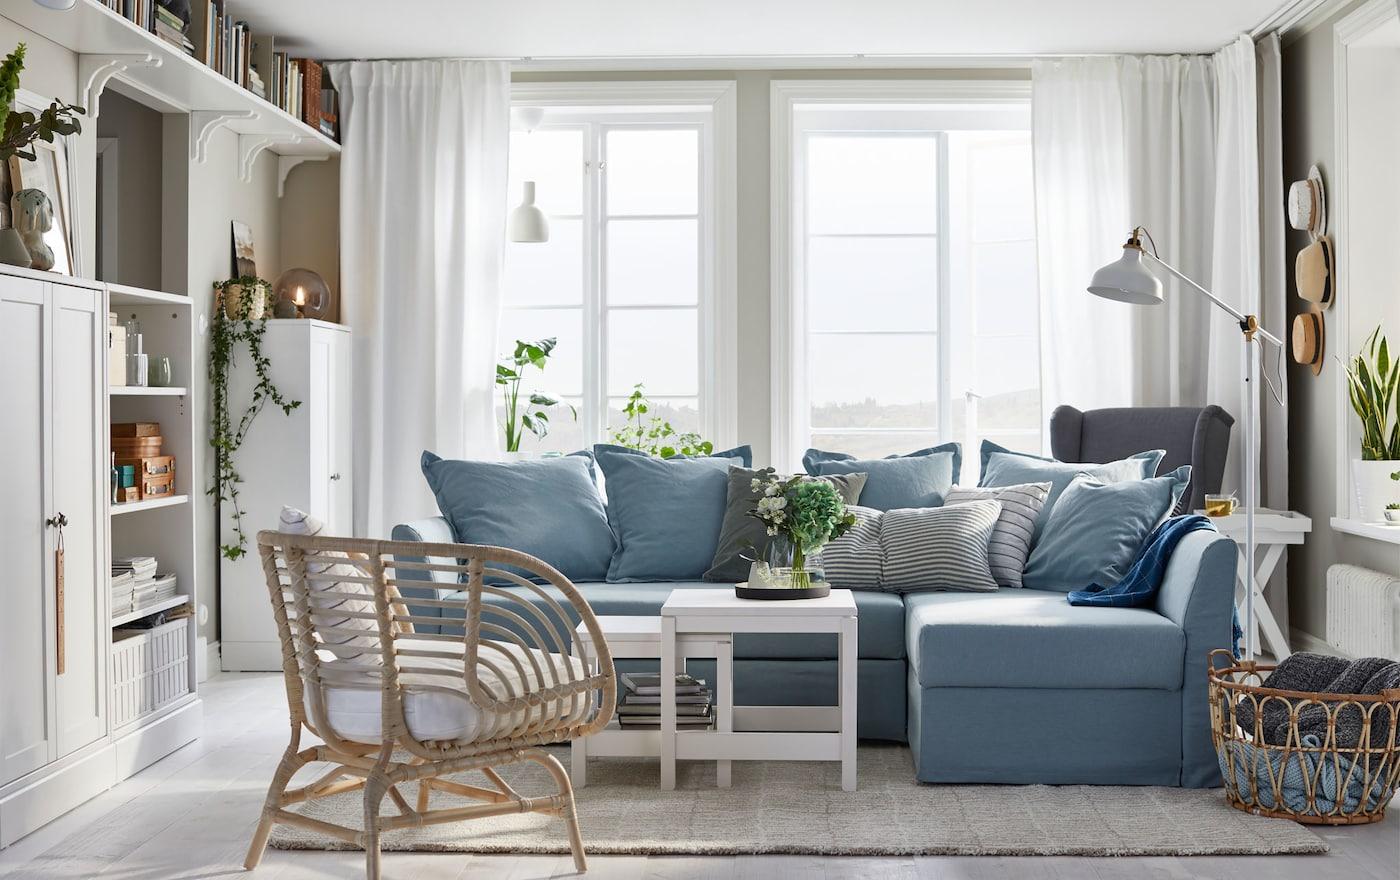 HOLMSUND/ホルムスンド コーナーソファベッド(ライトブルー)は、簡単に広々したベッドに変身します。サッと取り出せるシート下の収納スペースは、ベッドリネンや枕を収納できます。